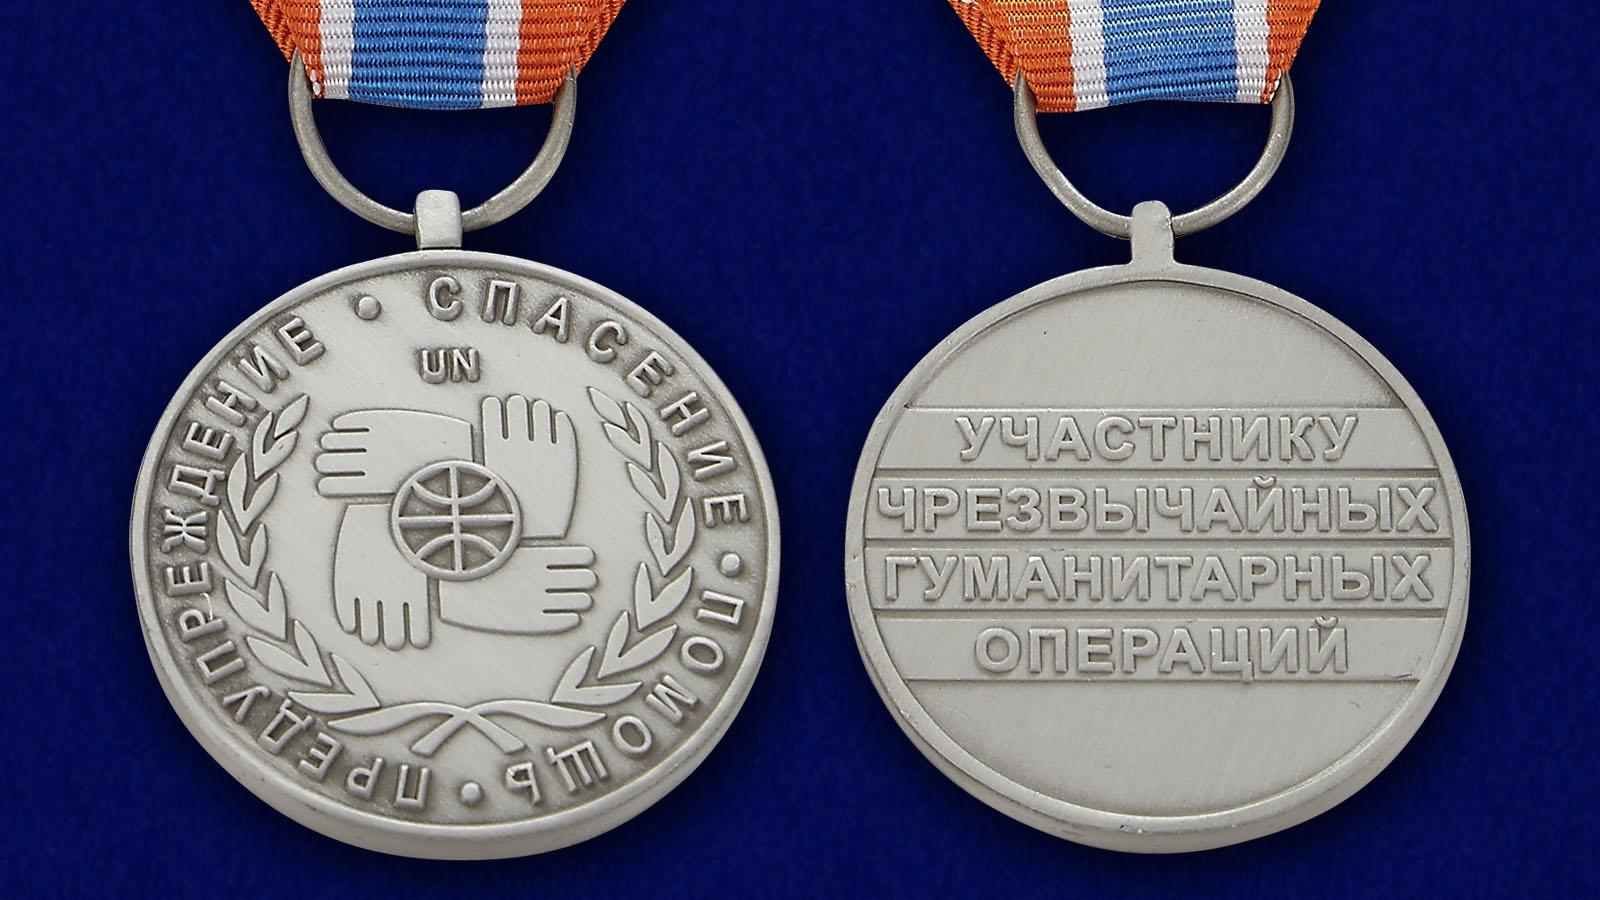 """Медаль МЧС """"Участнику чрезвычайных гуманитарных операций"""" - аверс и реверс"""